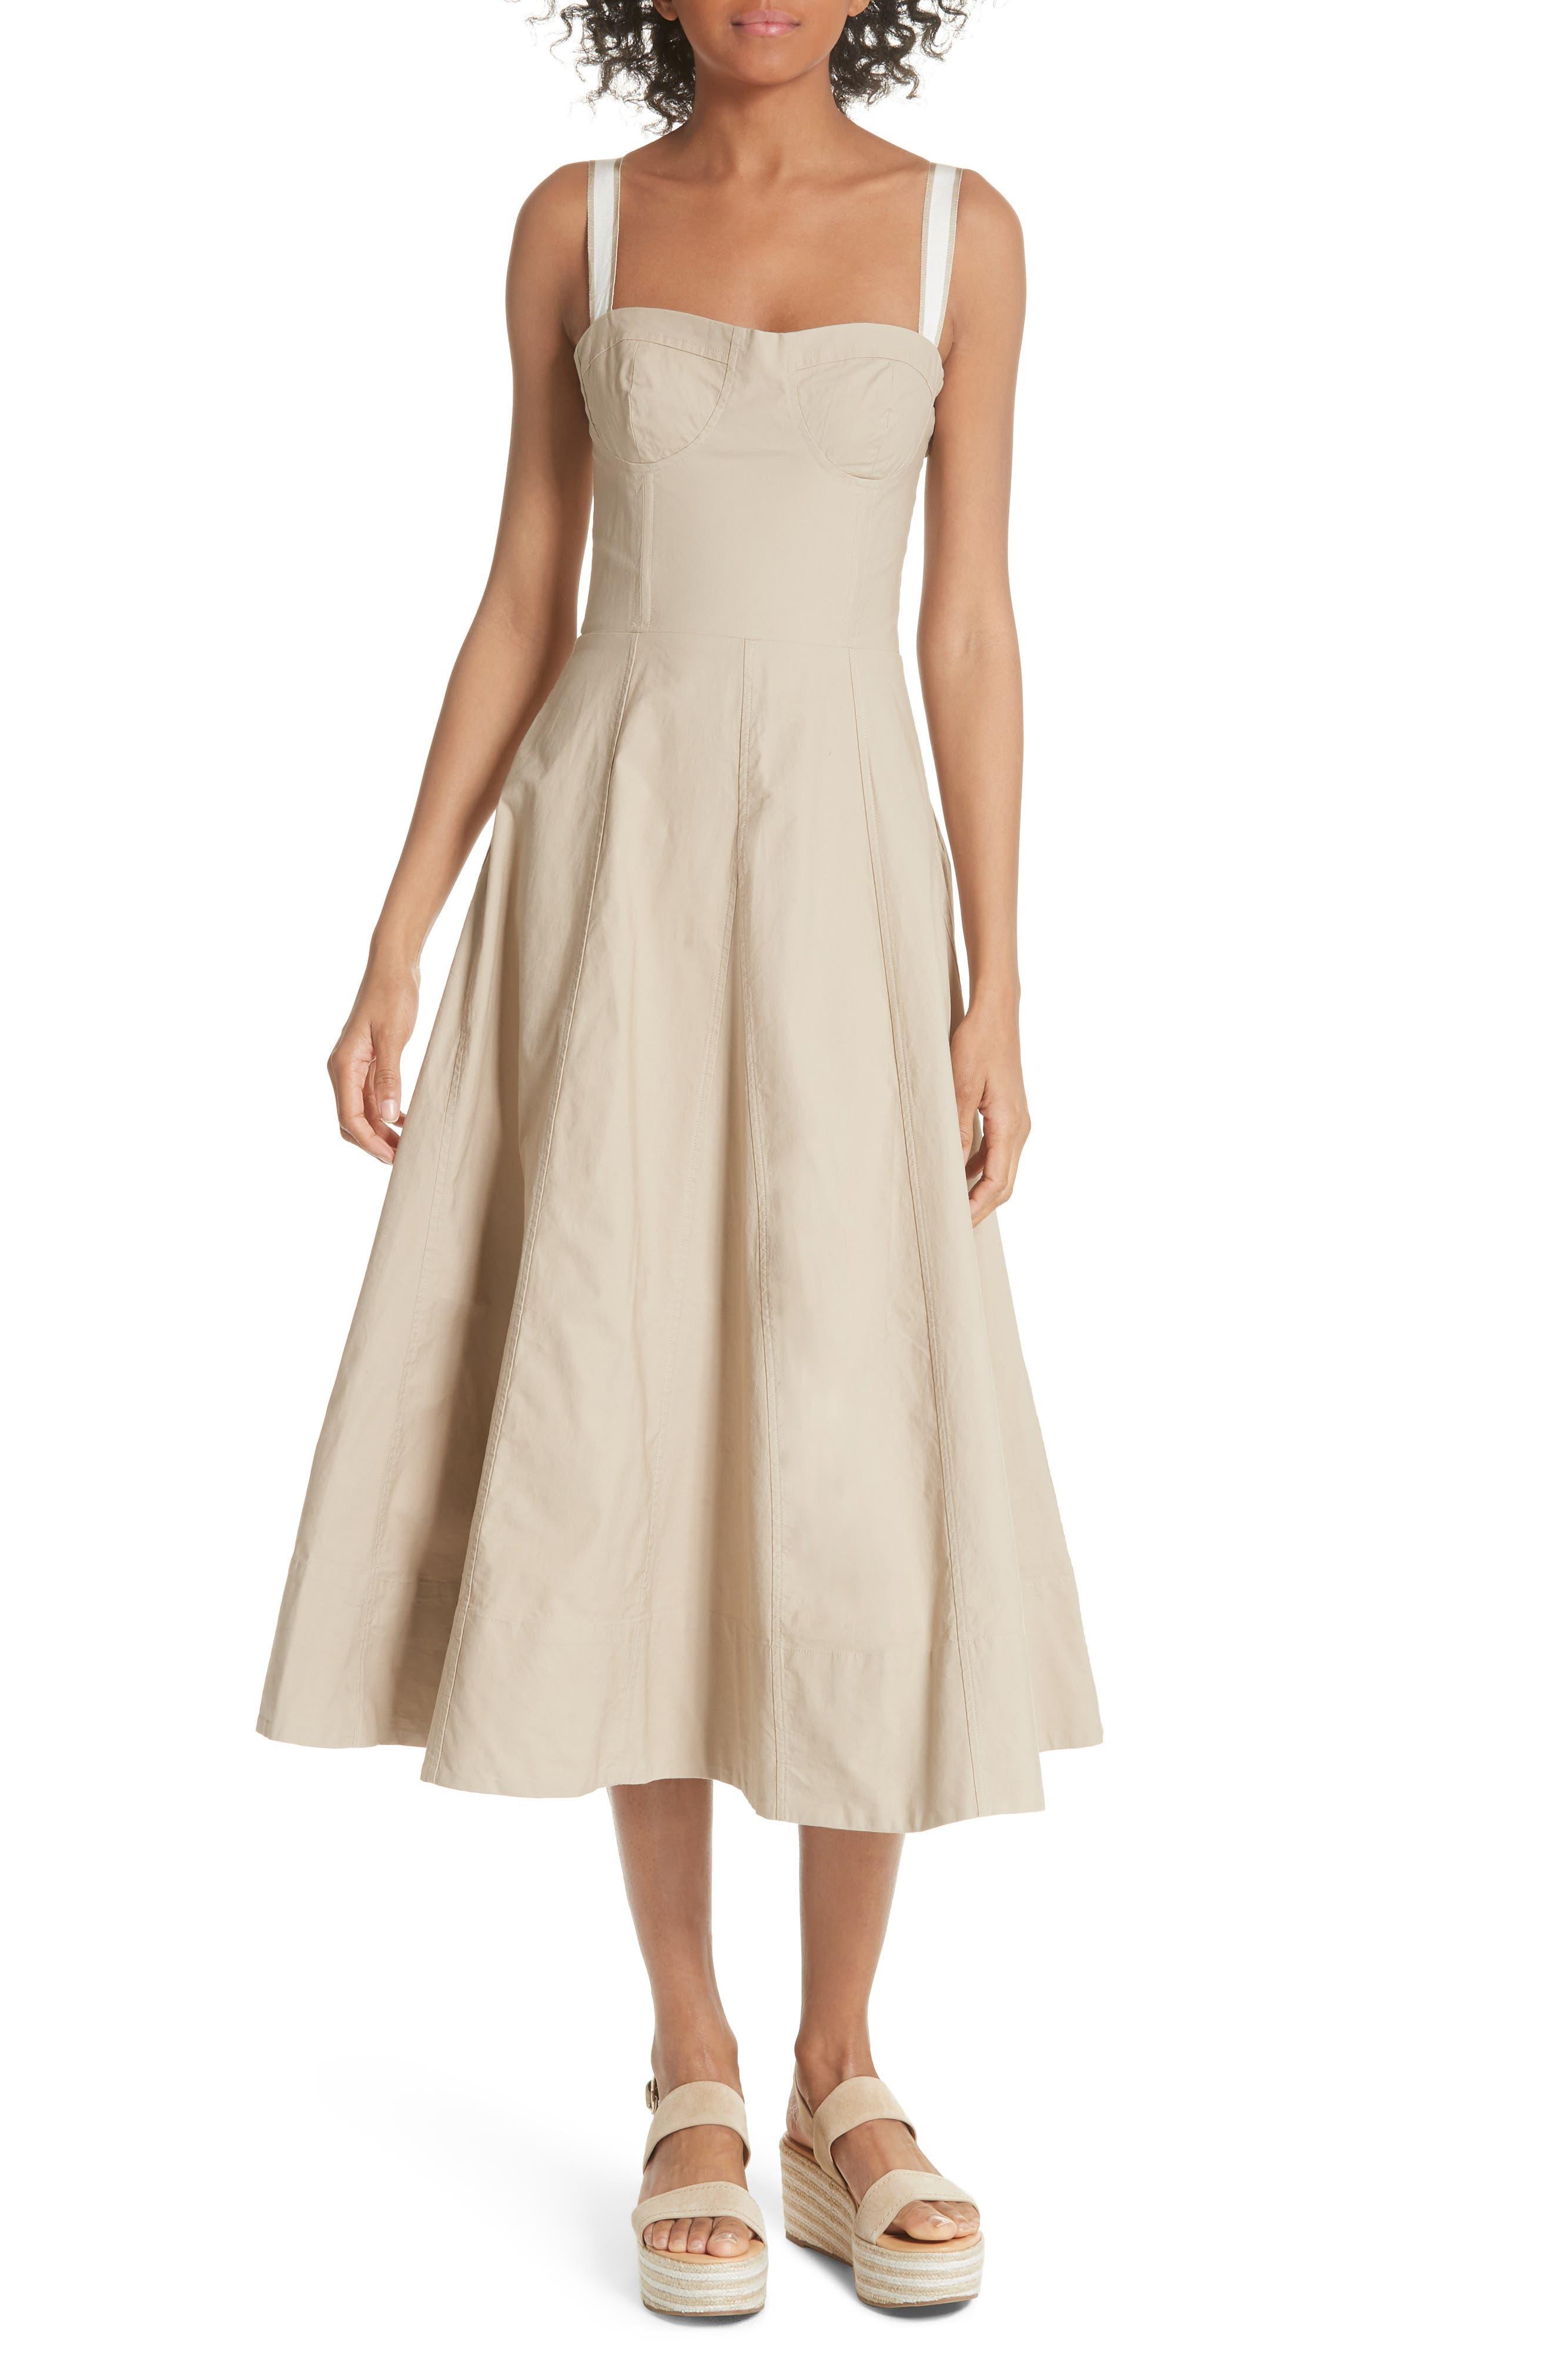 JOIE Briel Midi Dress, Main, color, 253